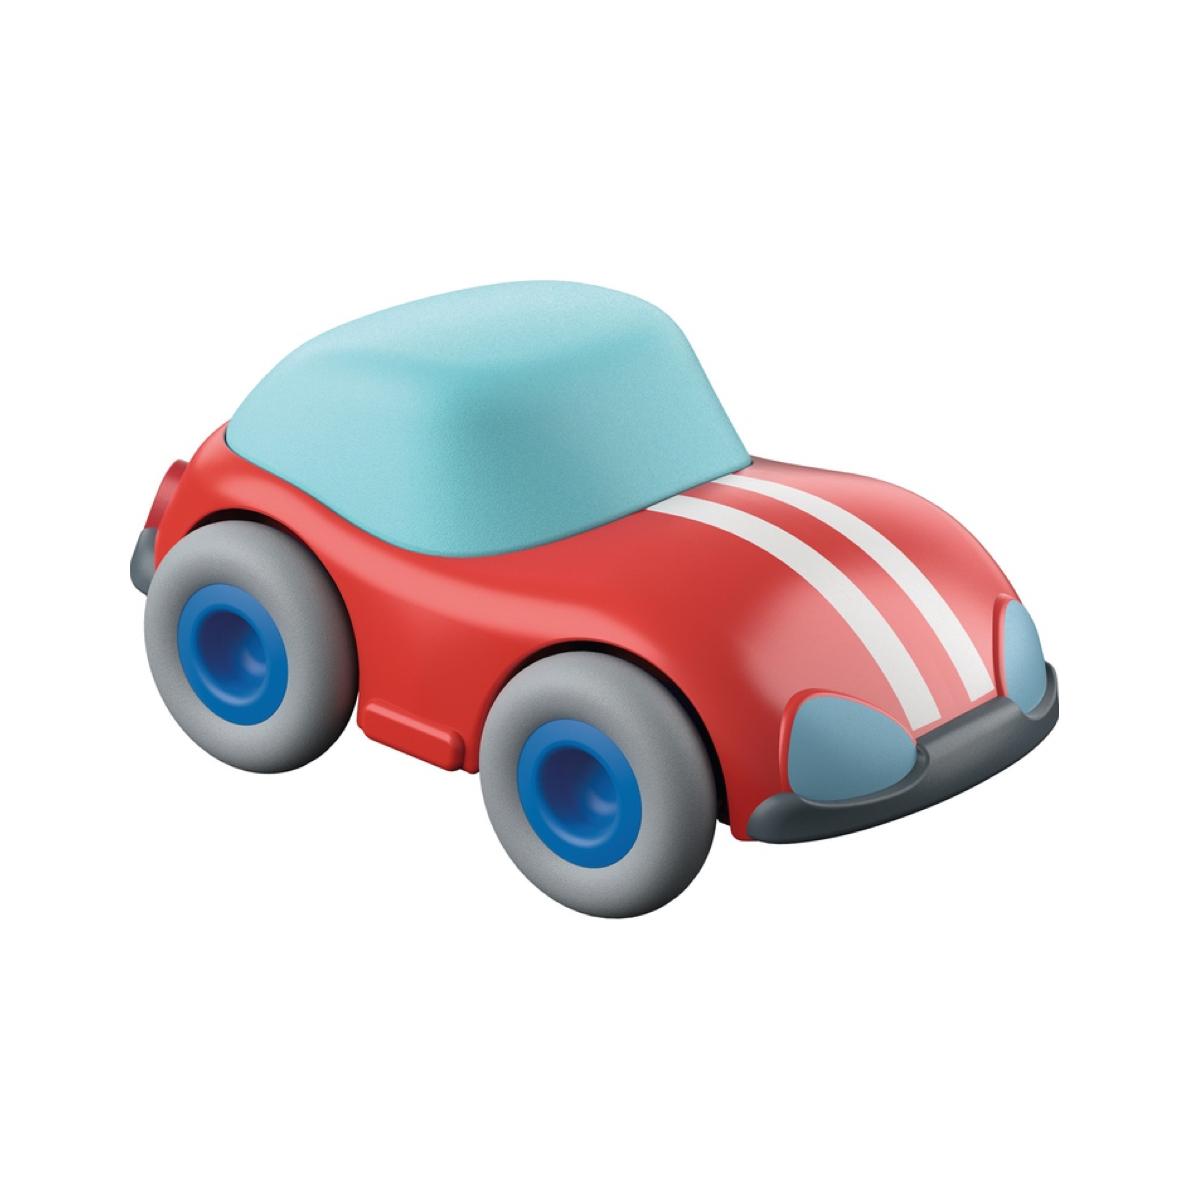 coche-de-carreras-kullerbü-haba-el-mundo-de-mico3